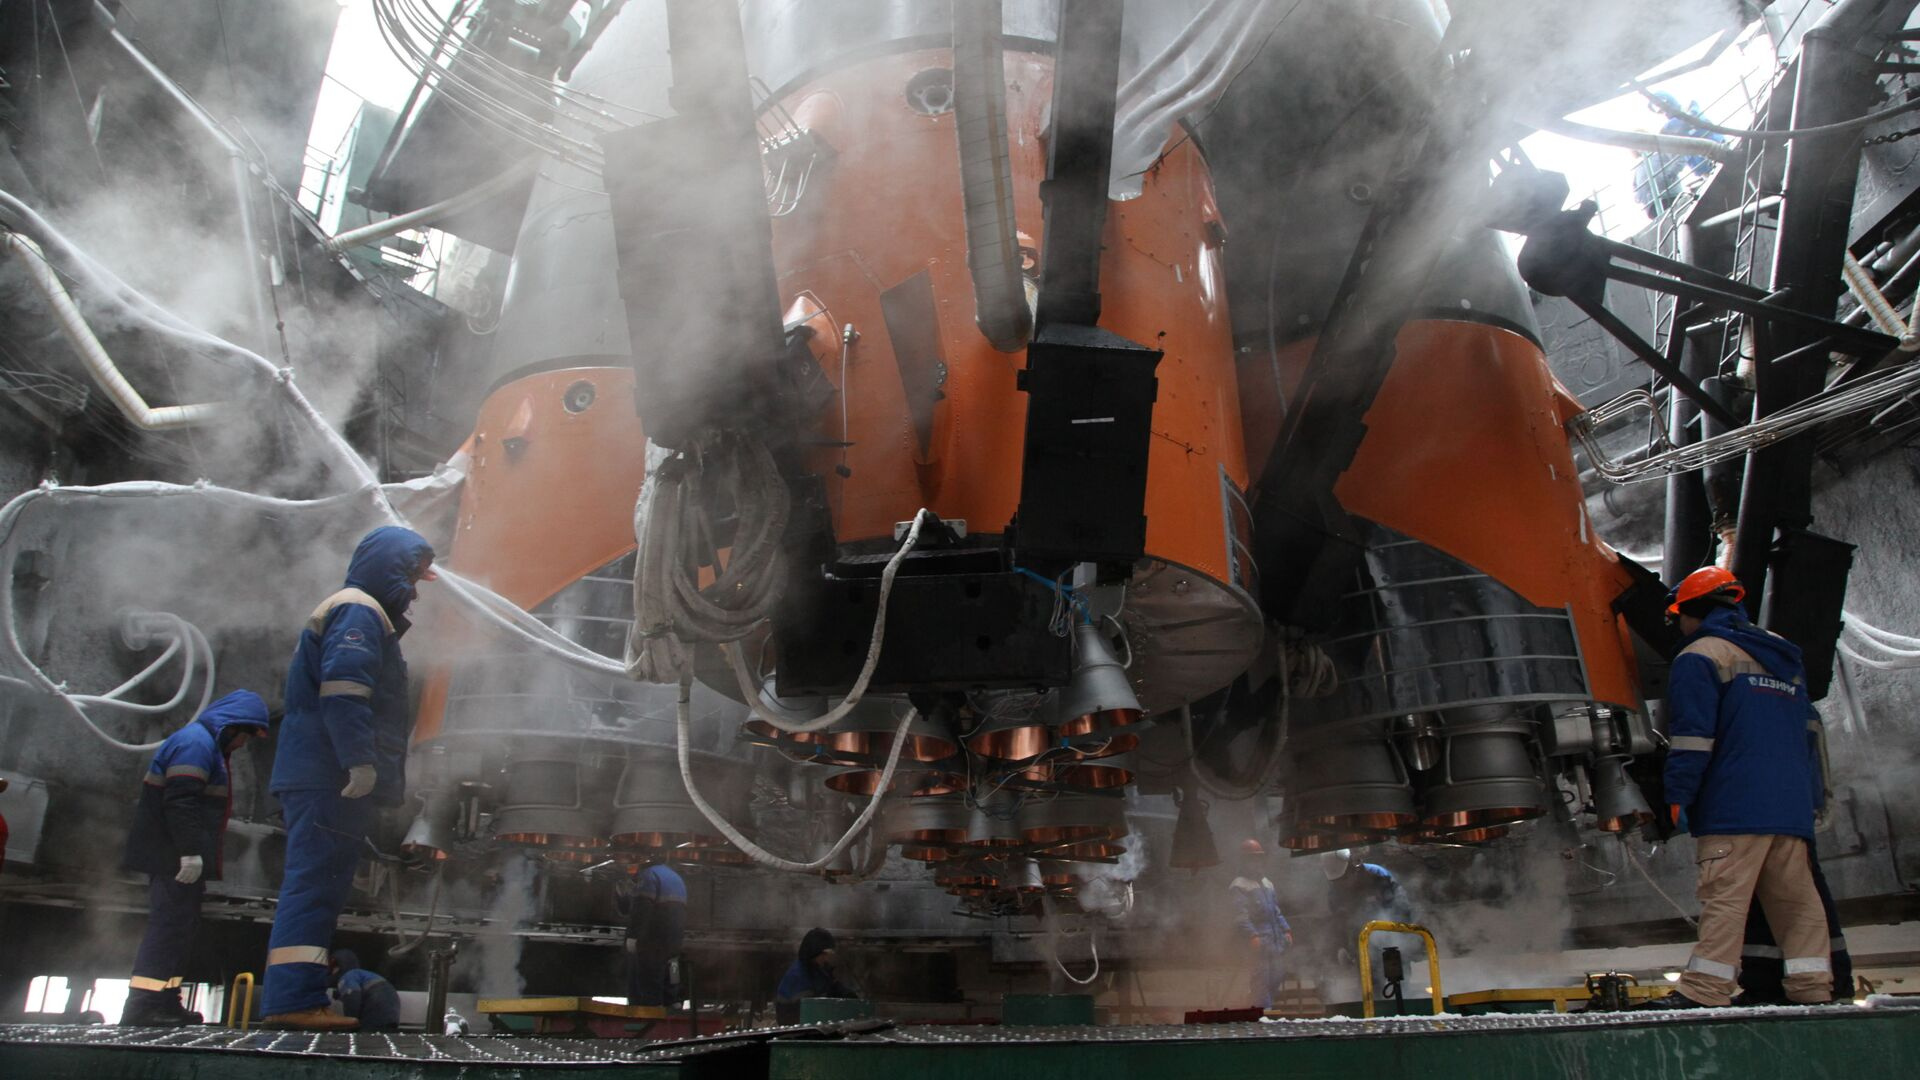 """Pripreme za lansiranje rakete nosača Sojuz-2.1b sa svemirskom letelicom """"Arktika M"""" sa kosmodroma Bajkonur. """"Arktika M"""" je prvi ruski satelit za nadgledanje klime i životne sredine u arktičkom regionu. - Sputnik Srbija, 1920, 06.10.2021"""